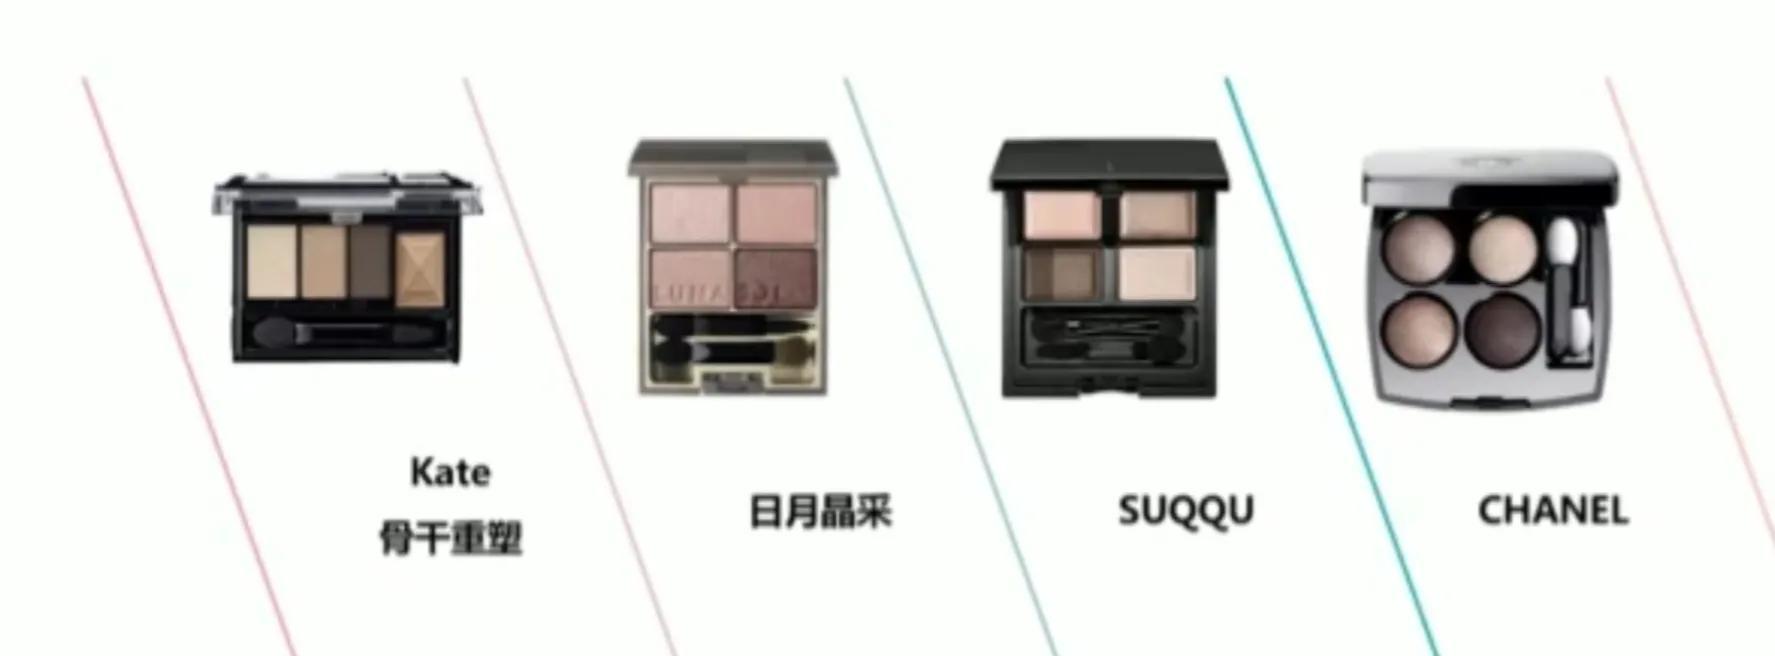 新手化妆品选购